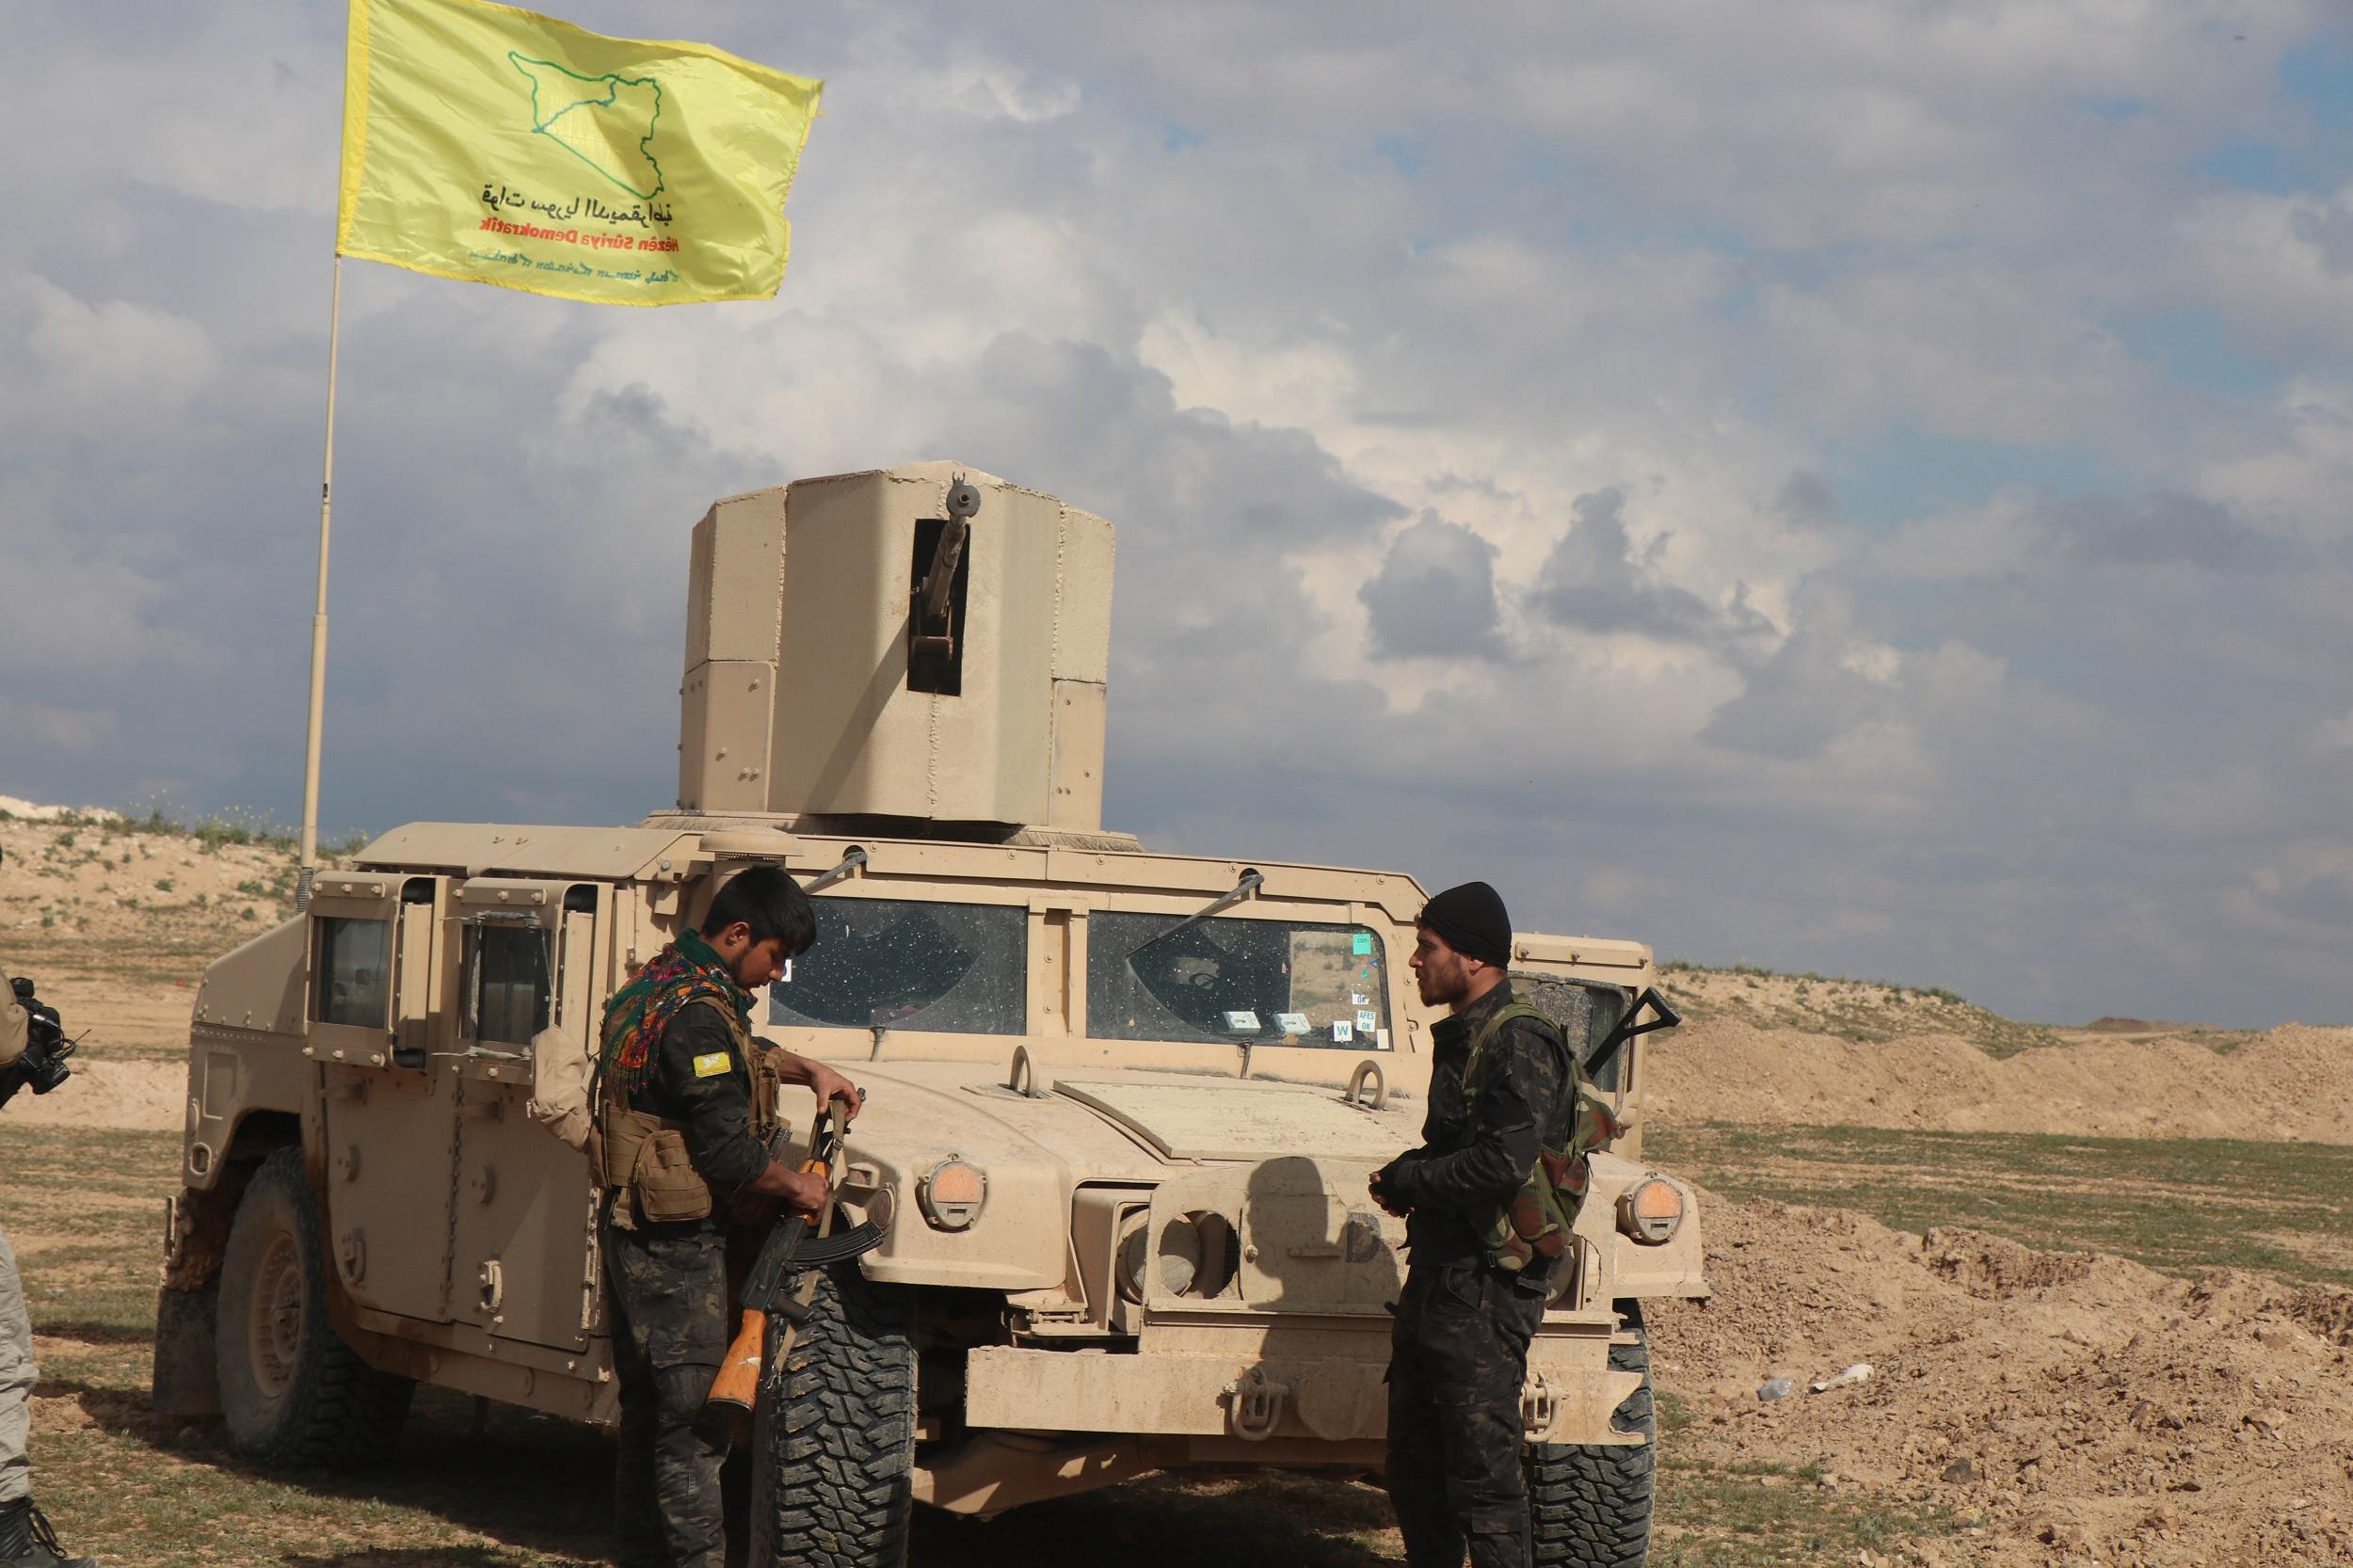 سوريا الديمقراطية: بعد أسبوع نعلن الانتصار على داعش